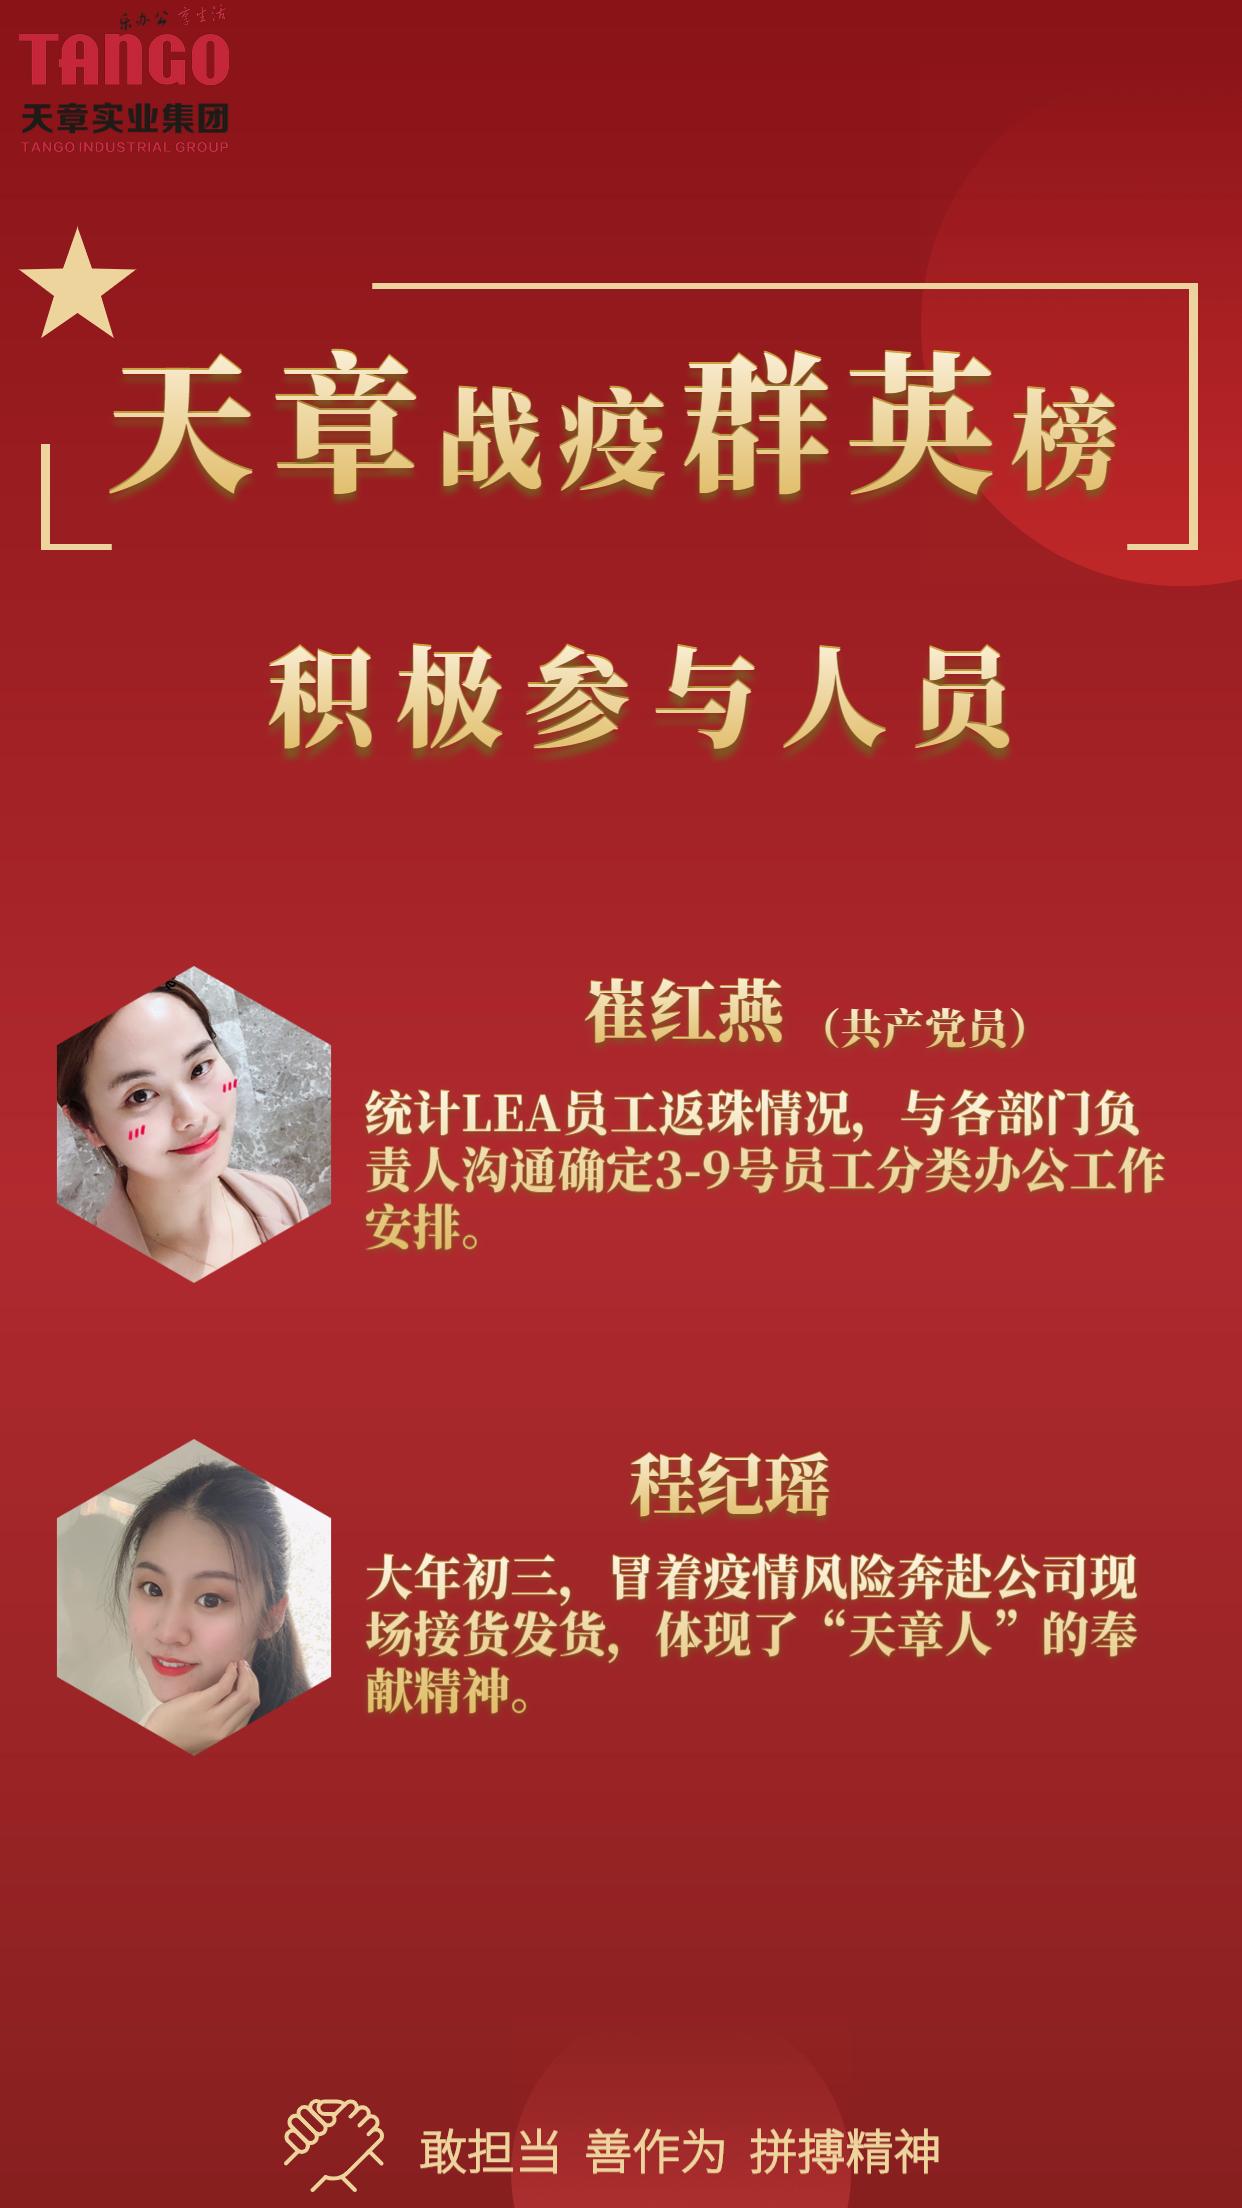 崔红燕瑶瑶海报